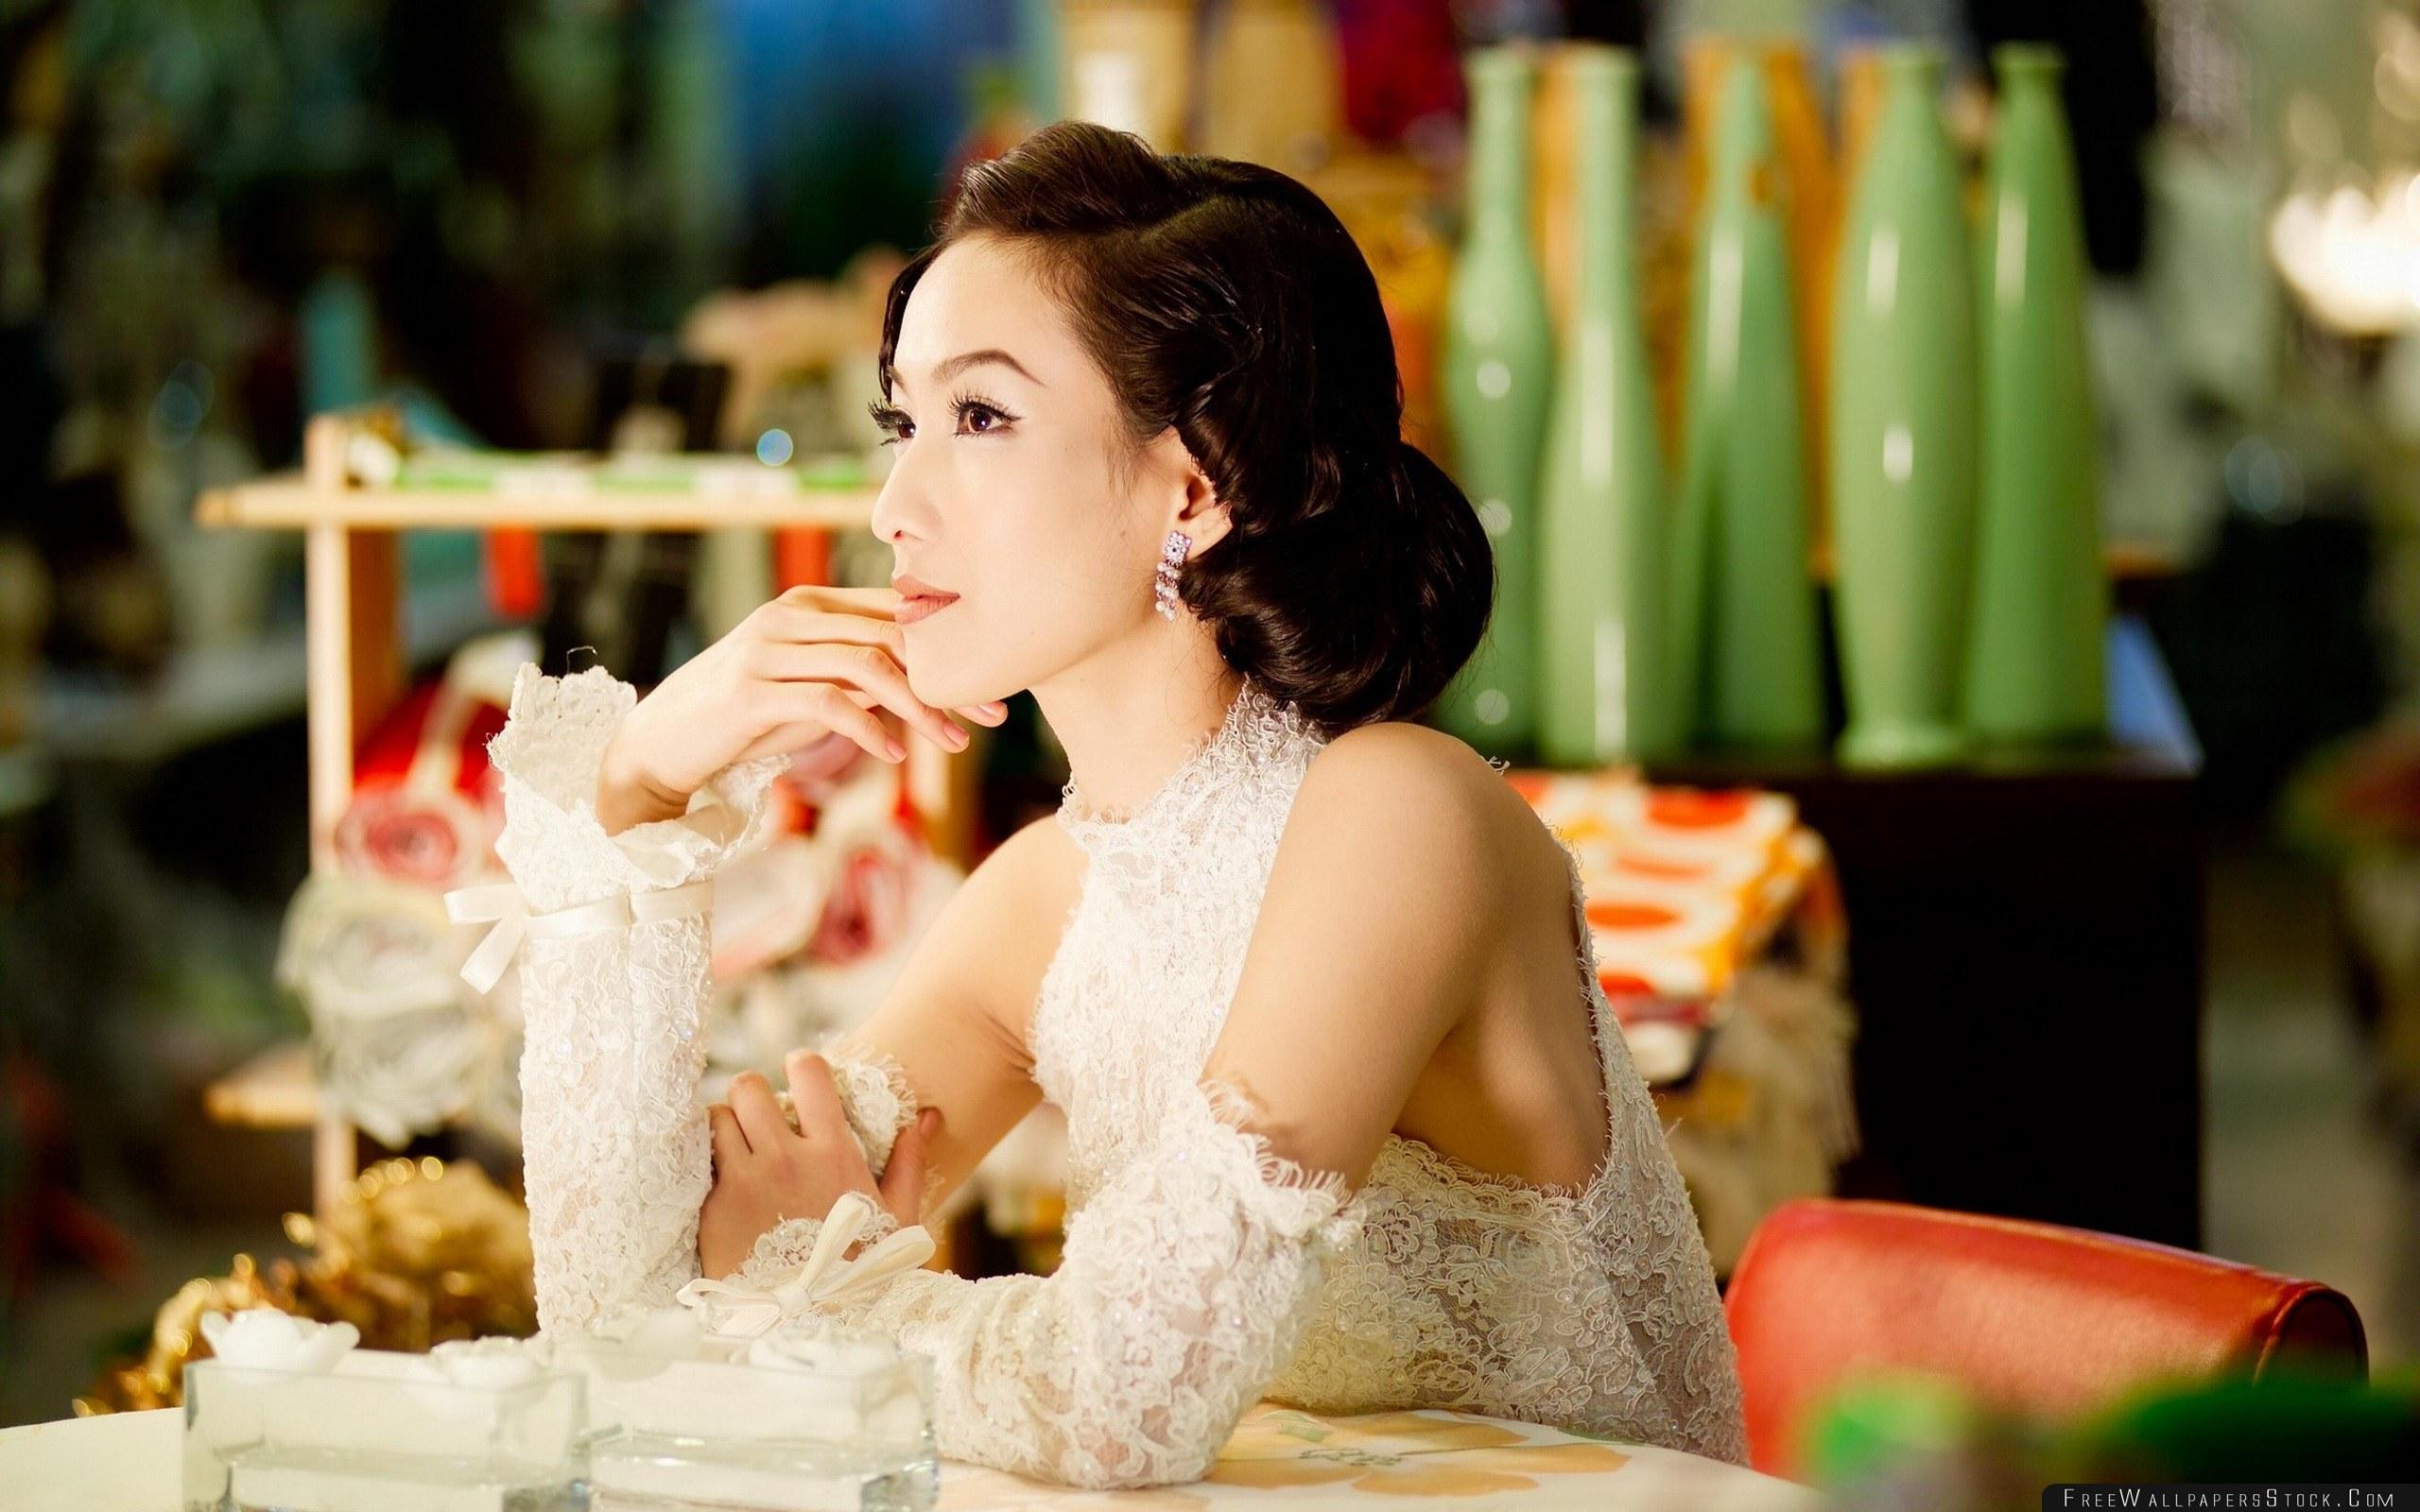 Download Free Wallpaper Asian Dress Banquet